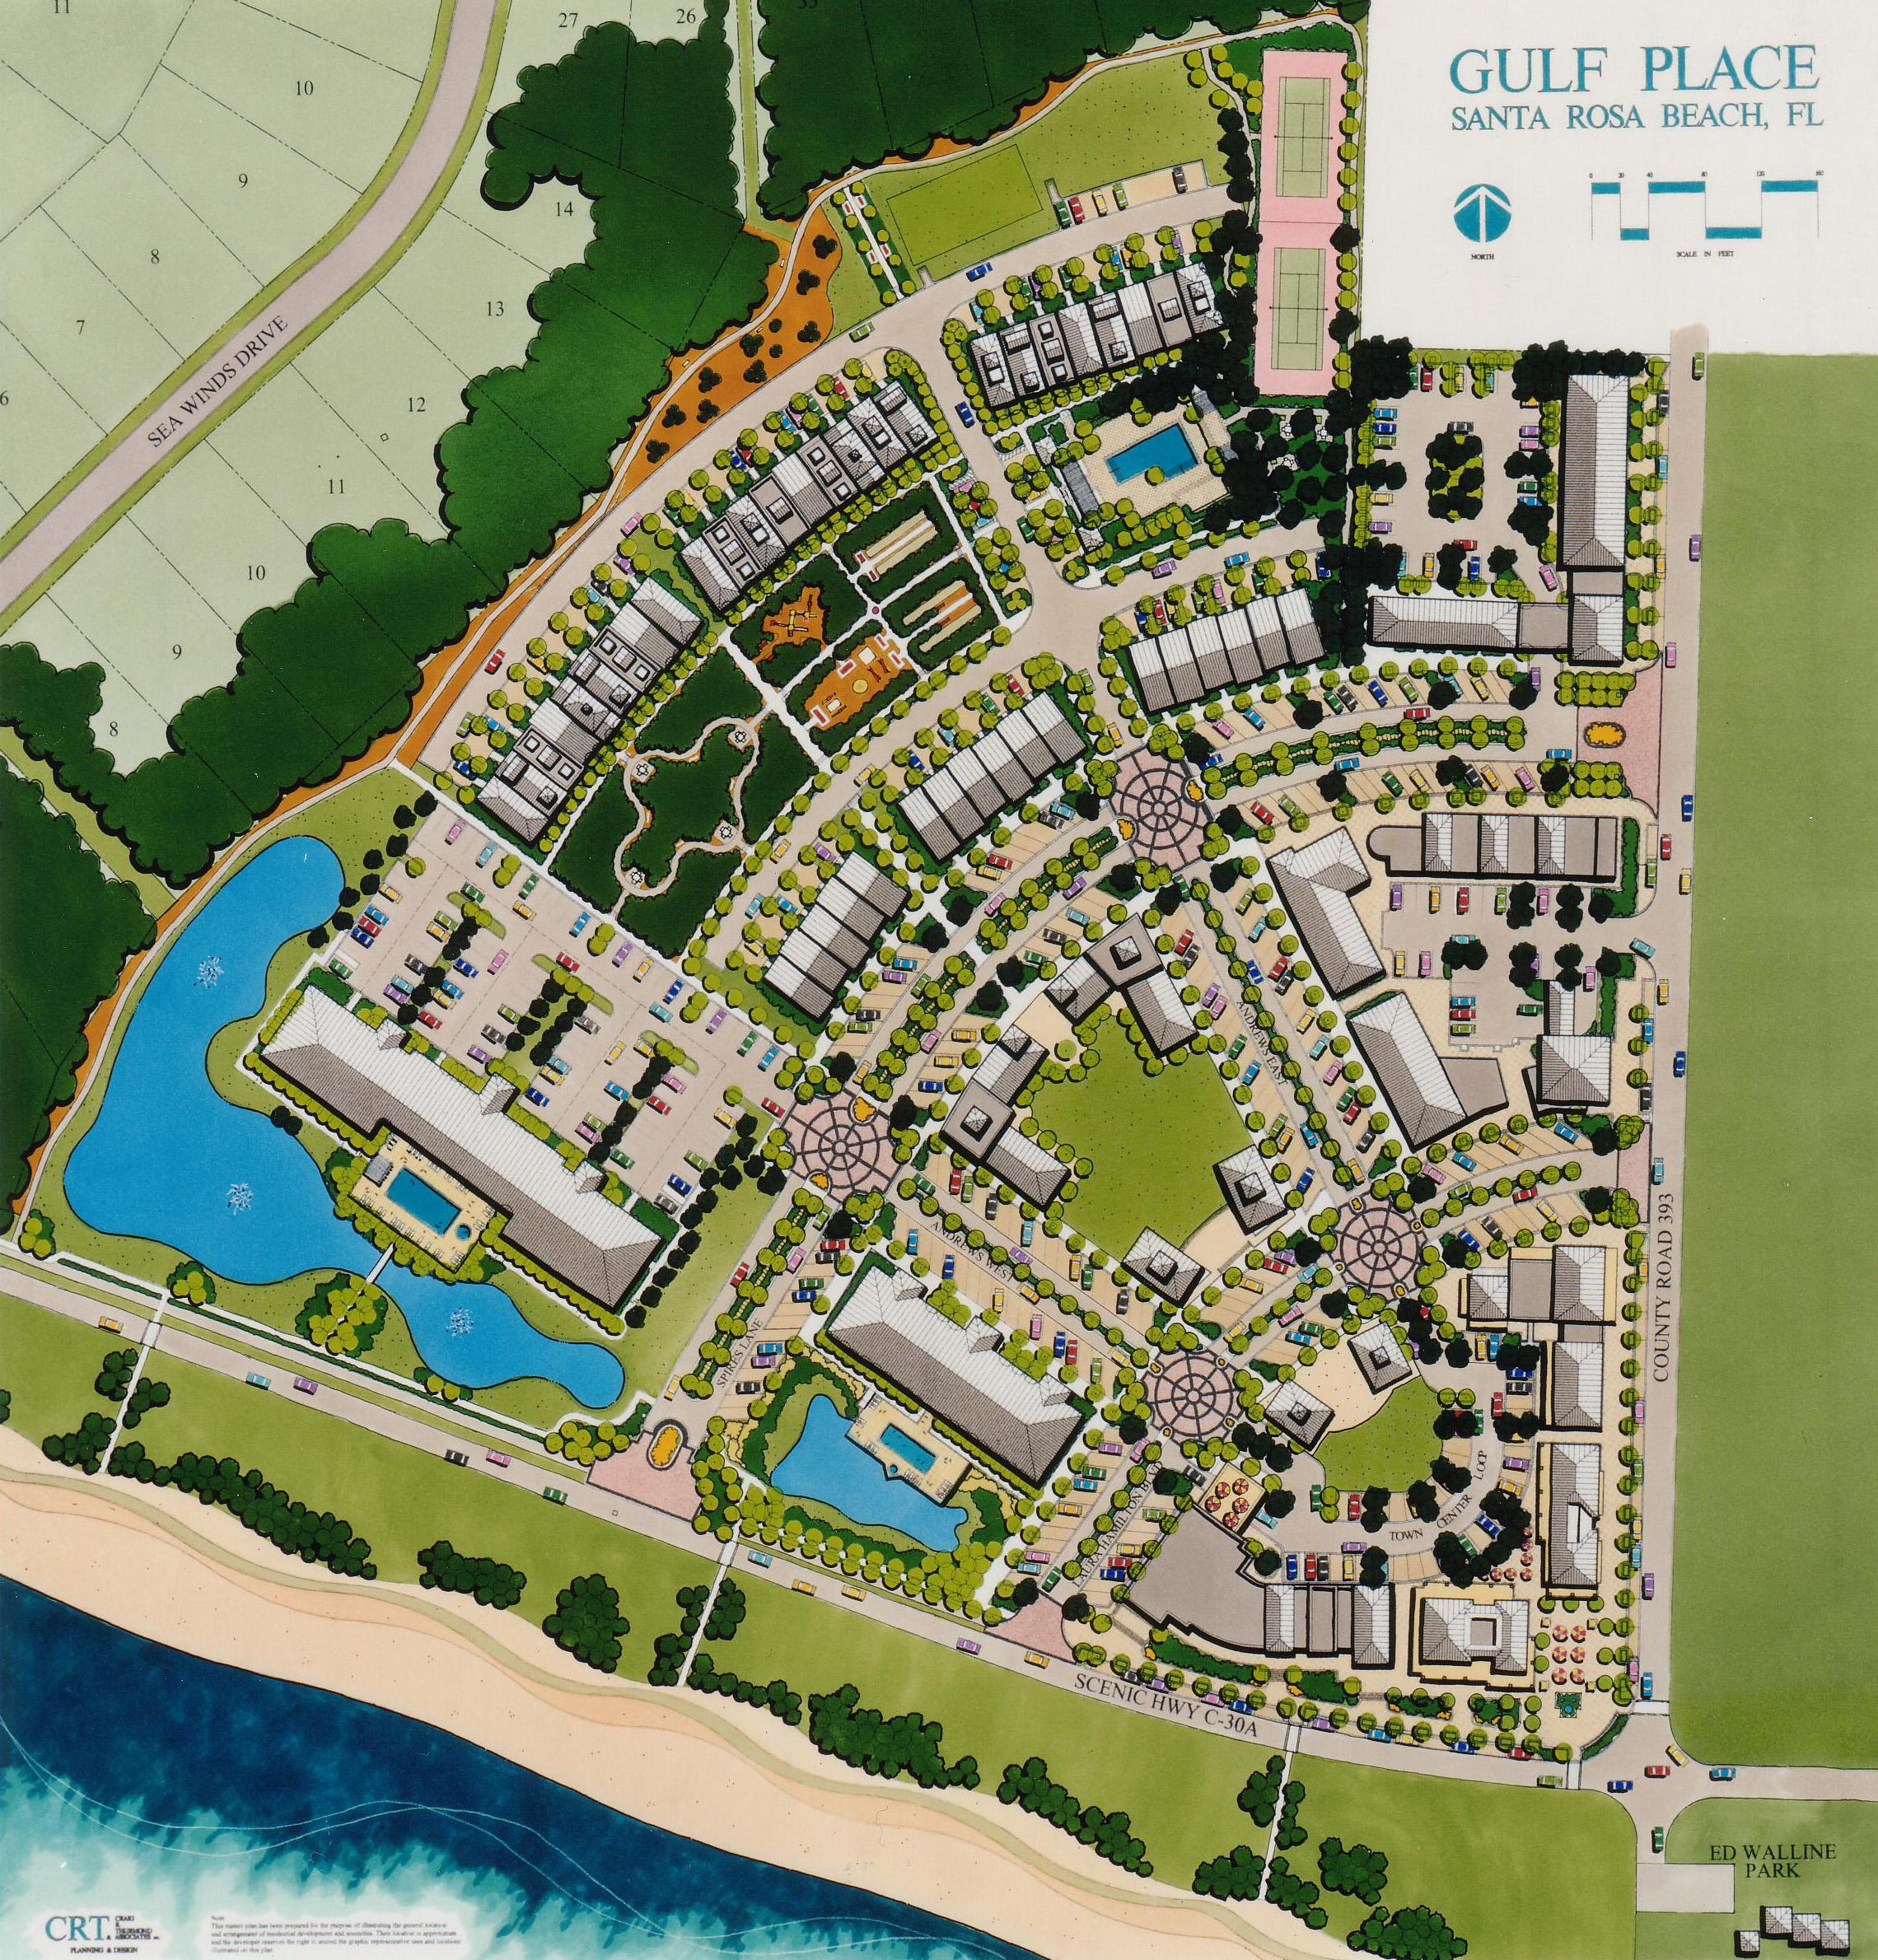 gulf place florida map